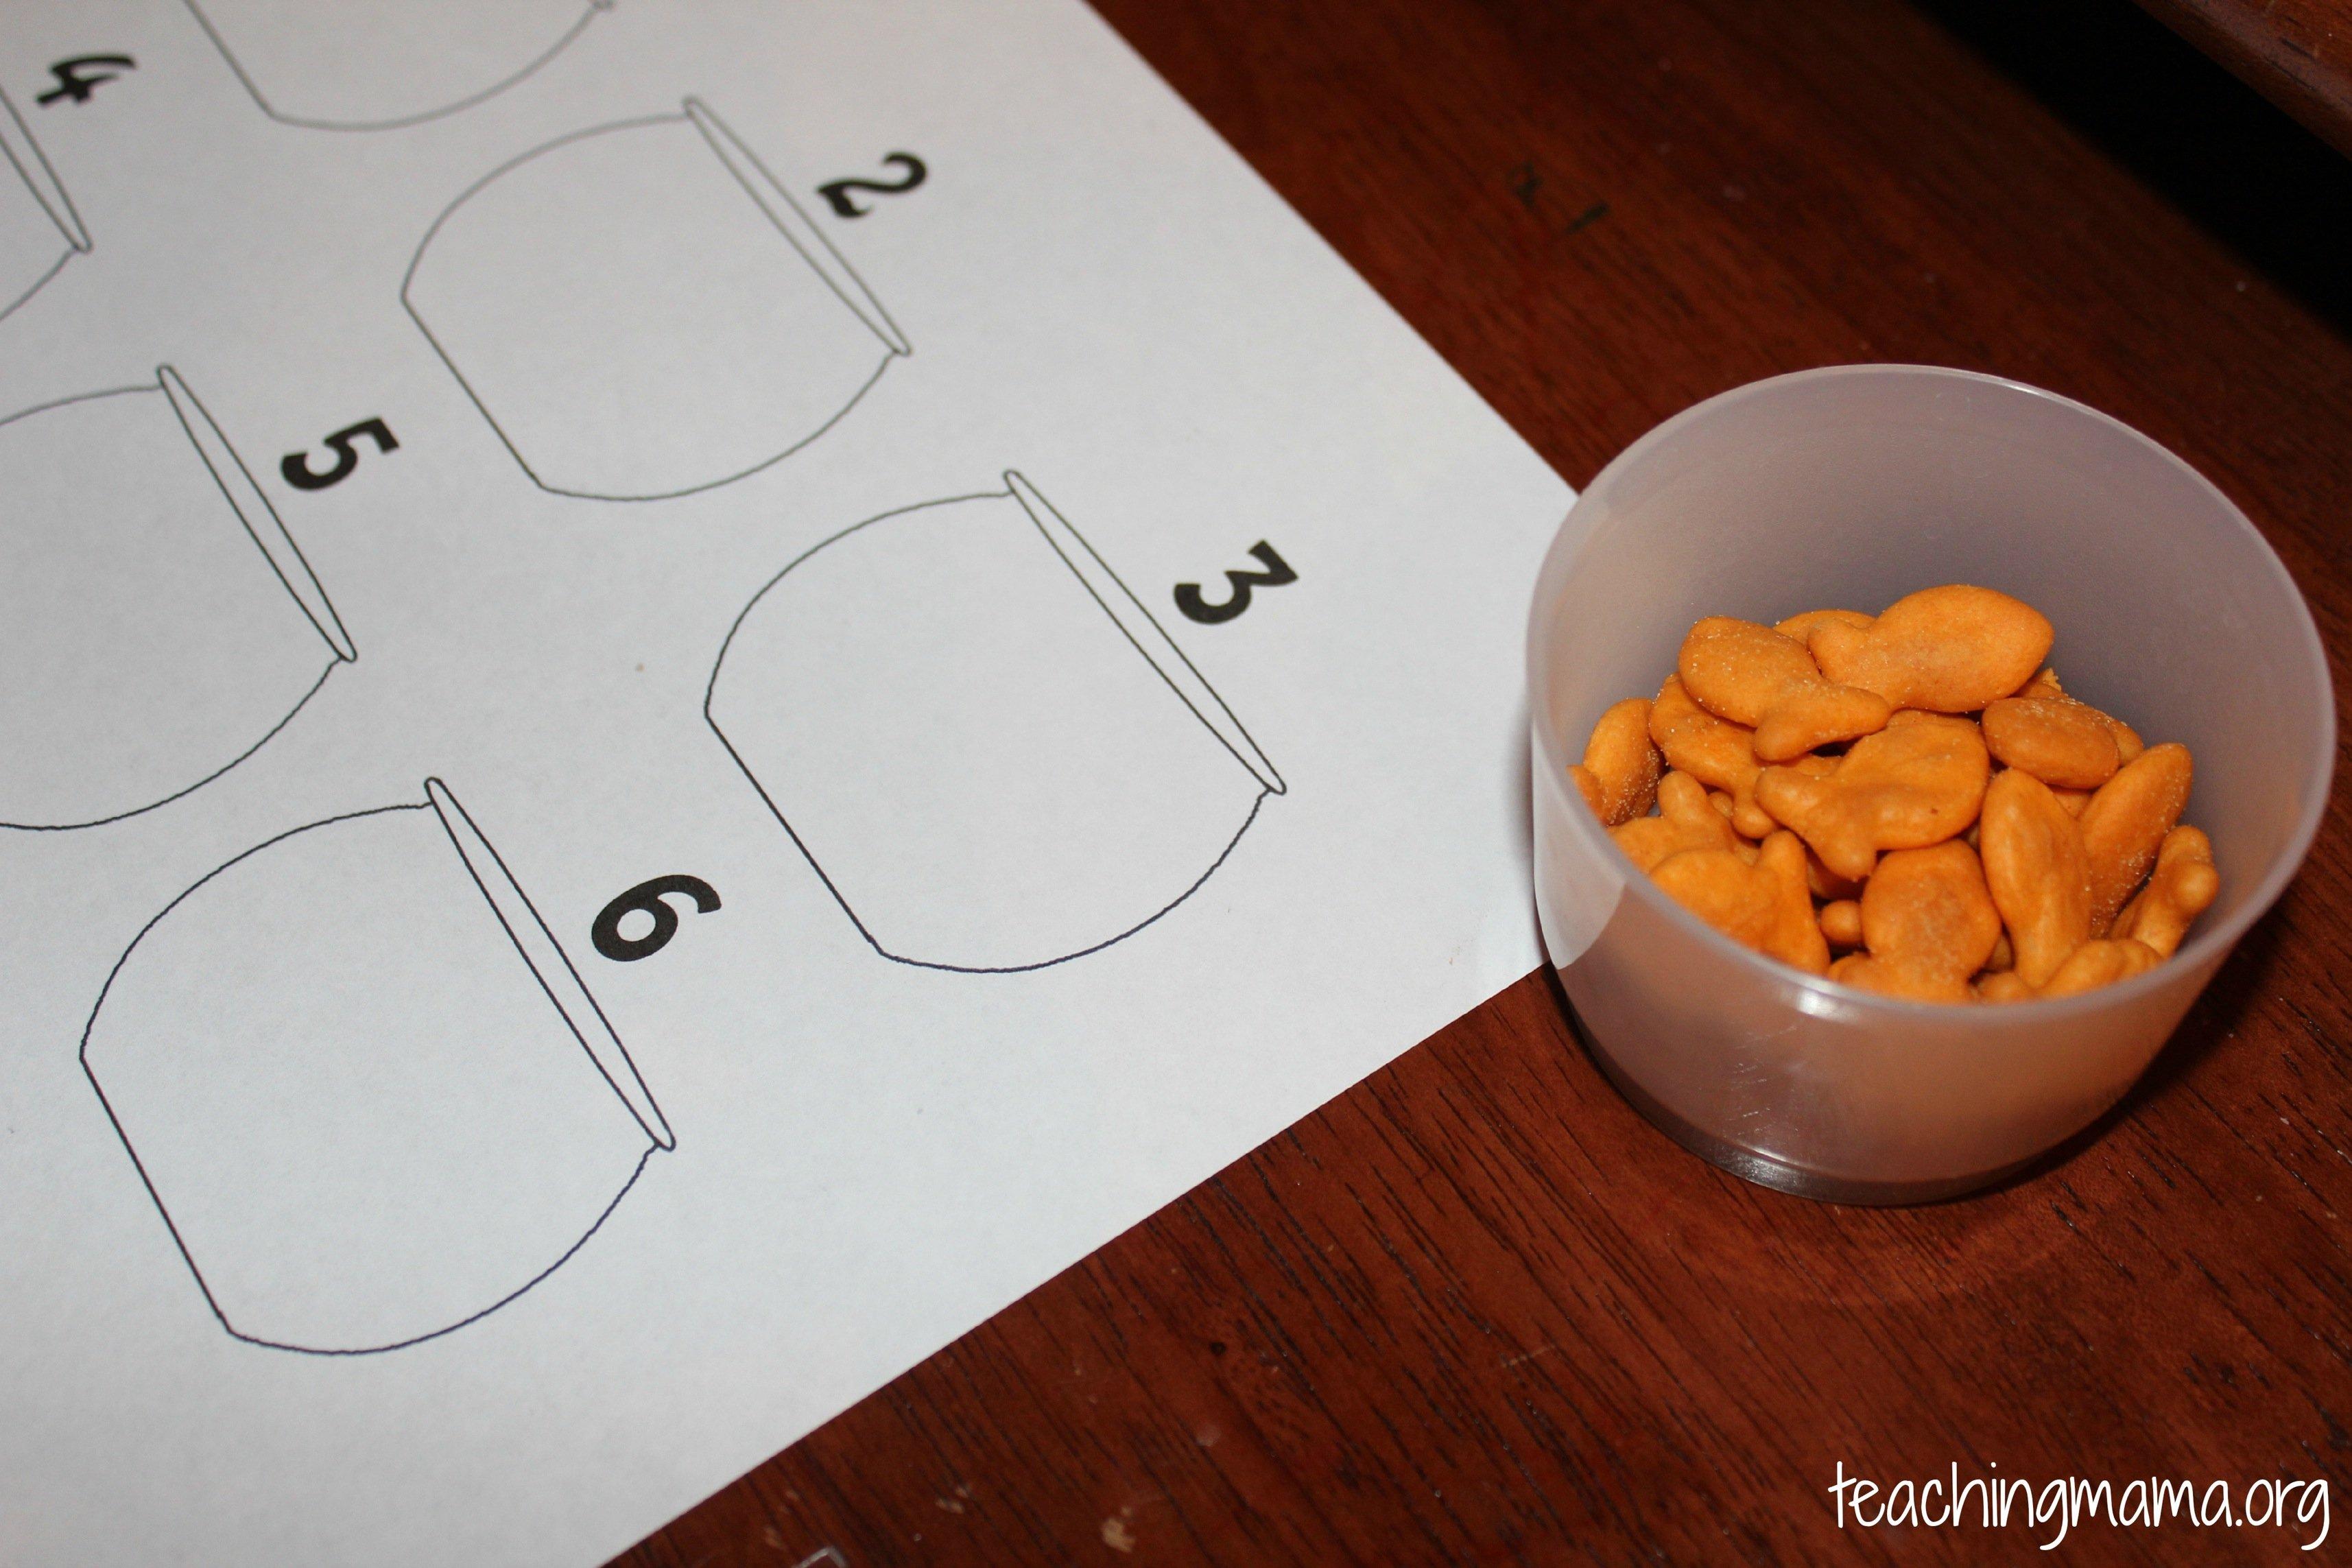 Fine motor skills tweezers goldfish teaching mama for Fish activities for preschoolers